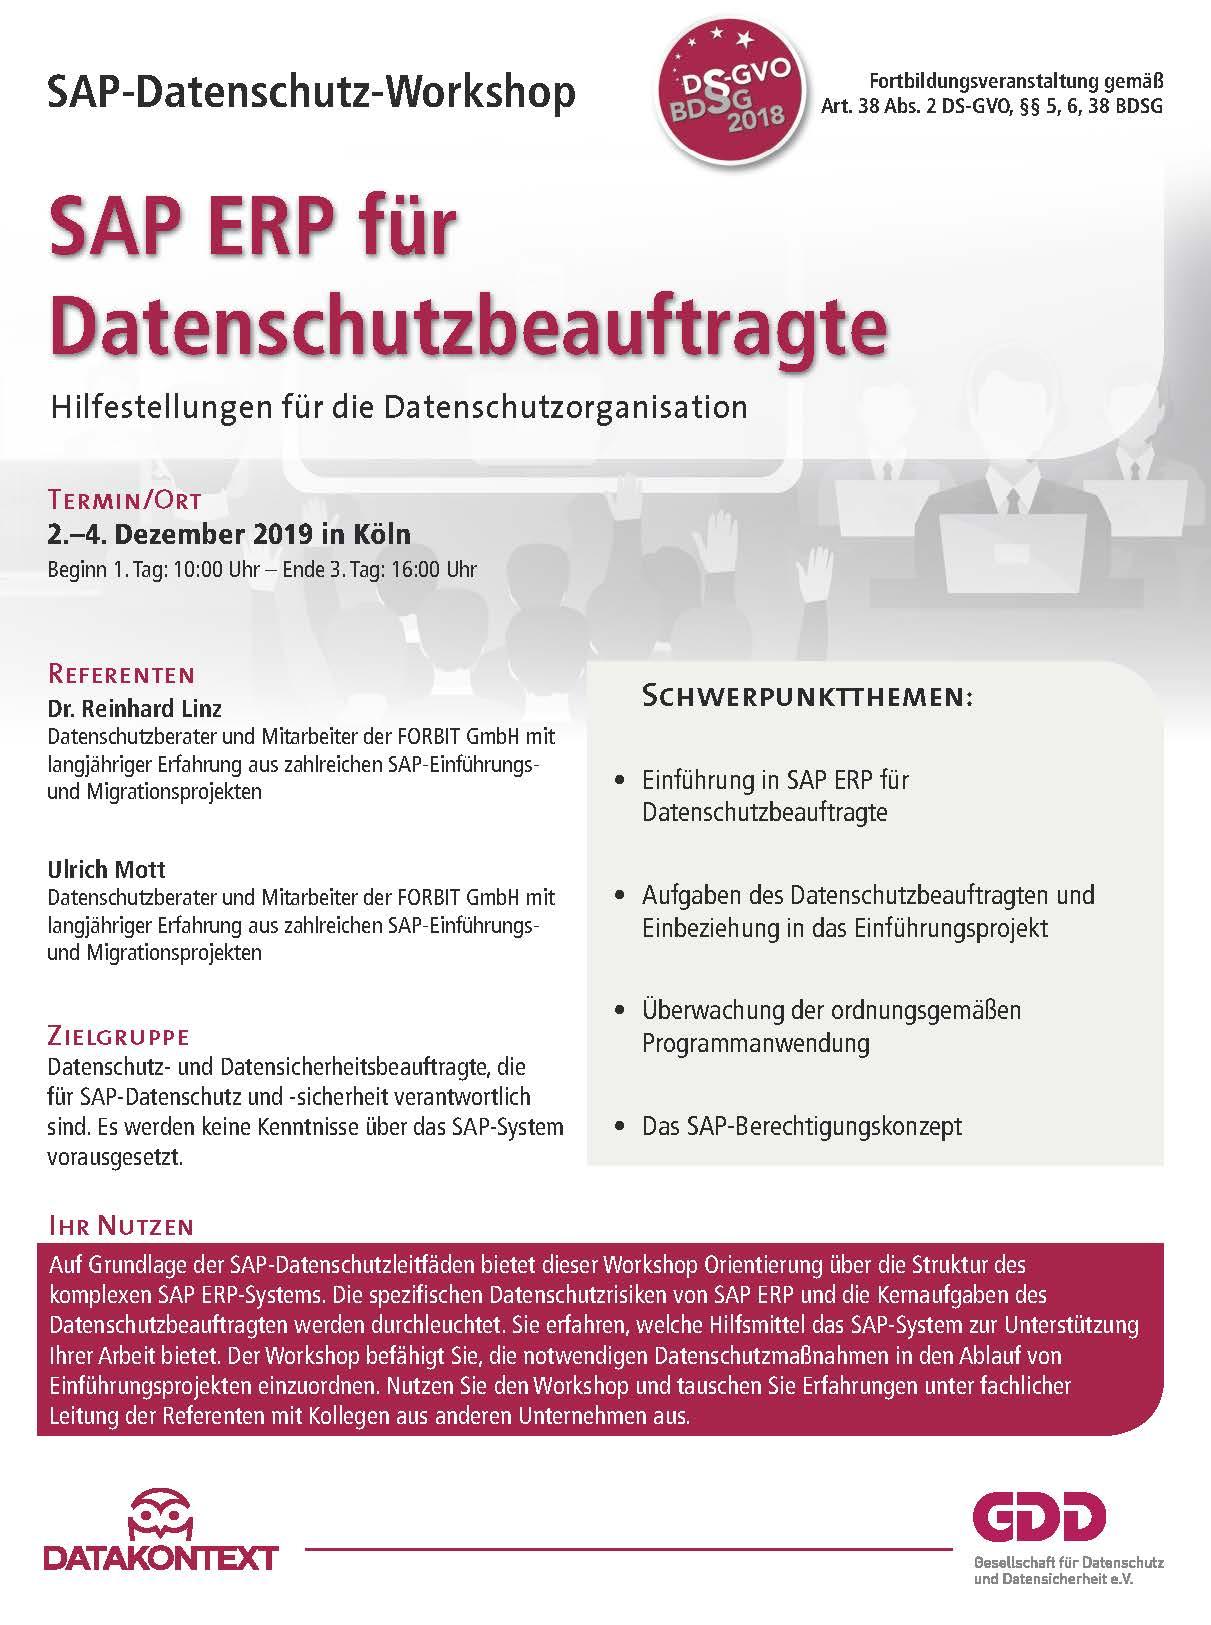 SAP ERP für Datenschutzbeauftragte